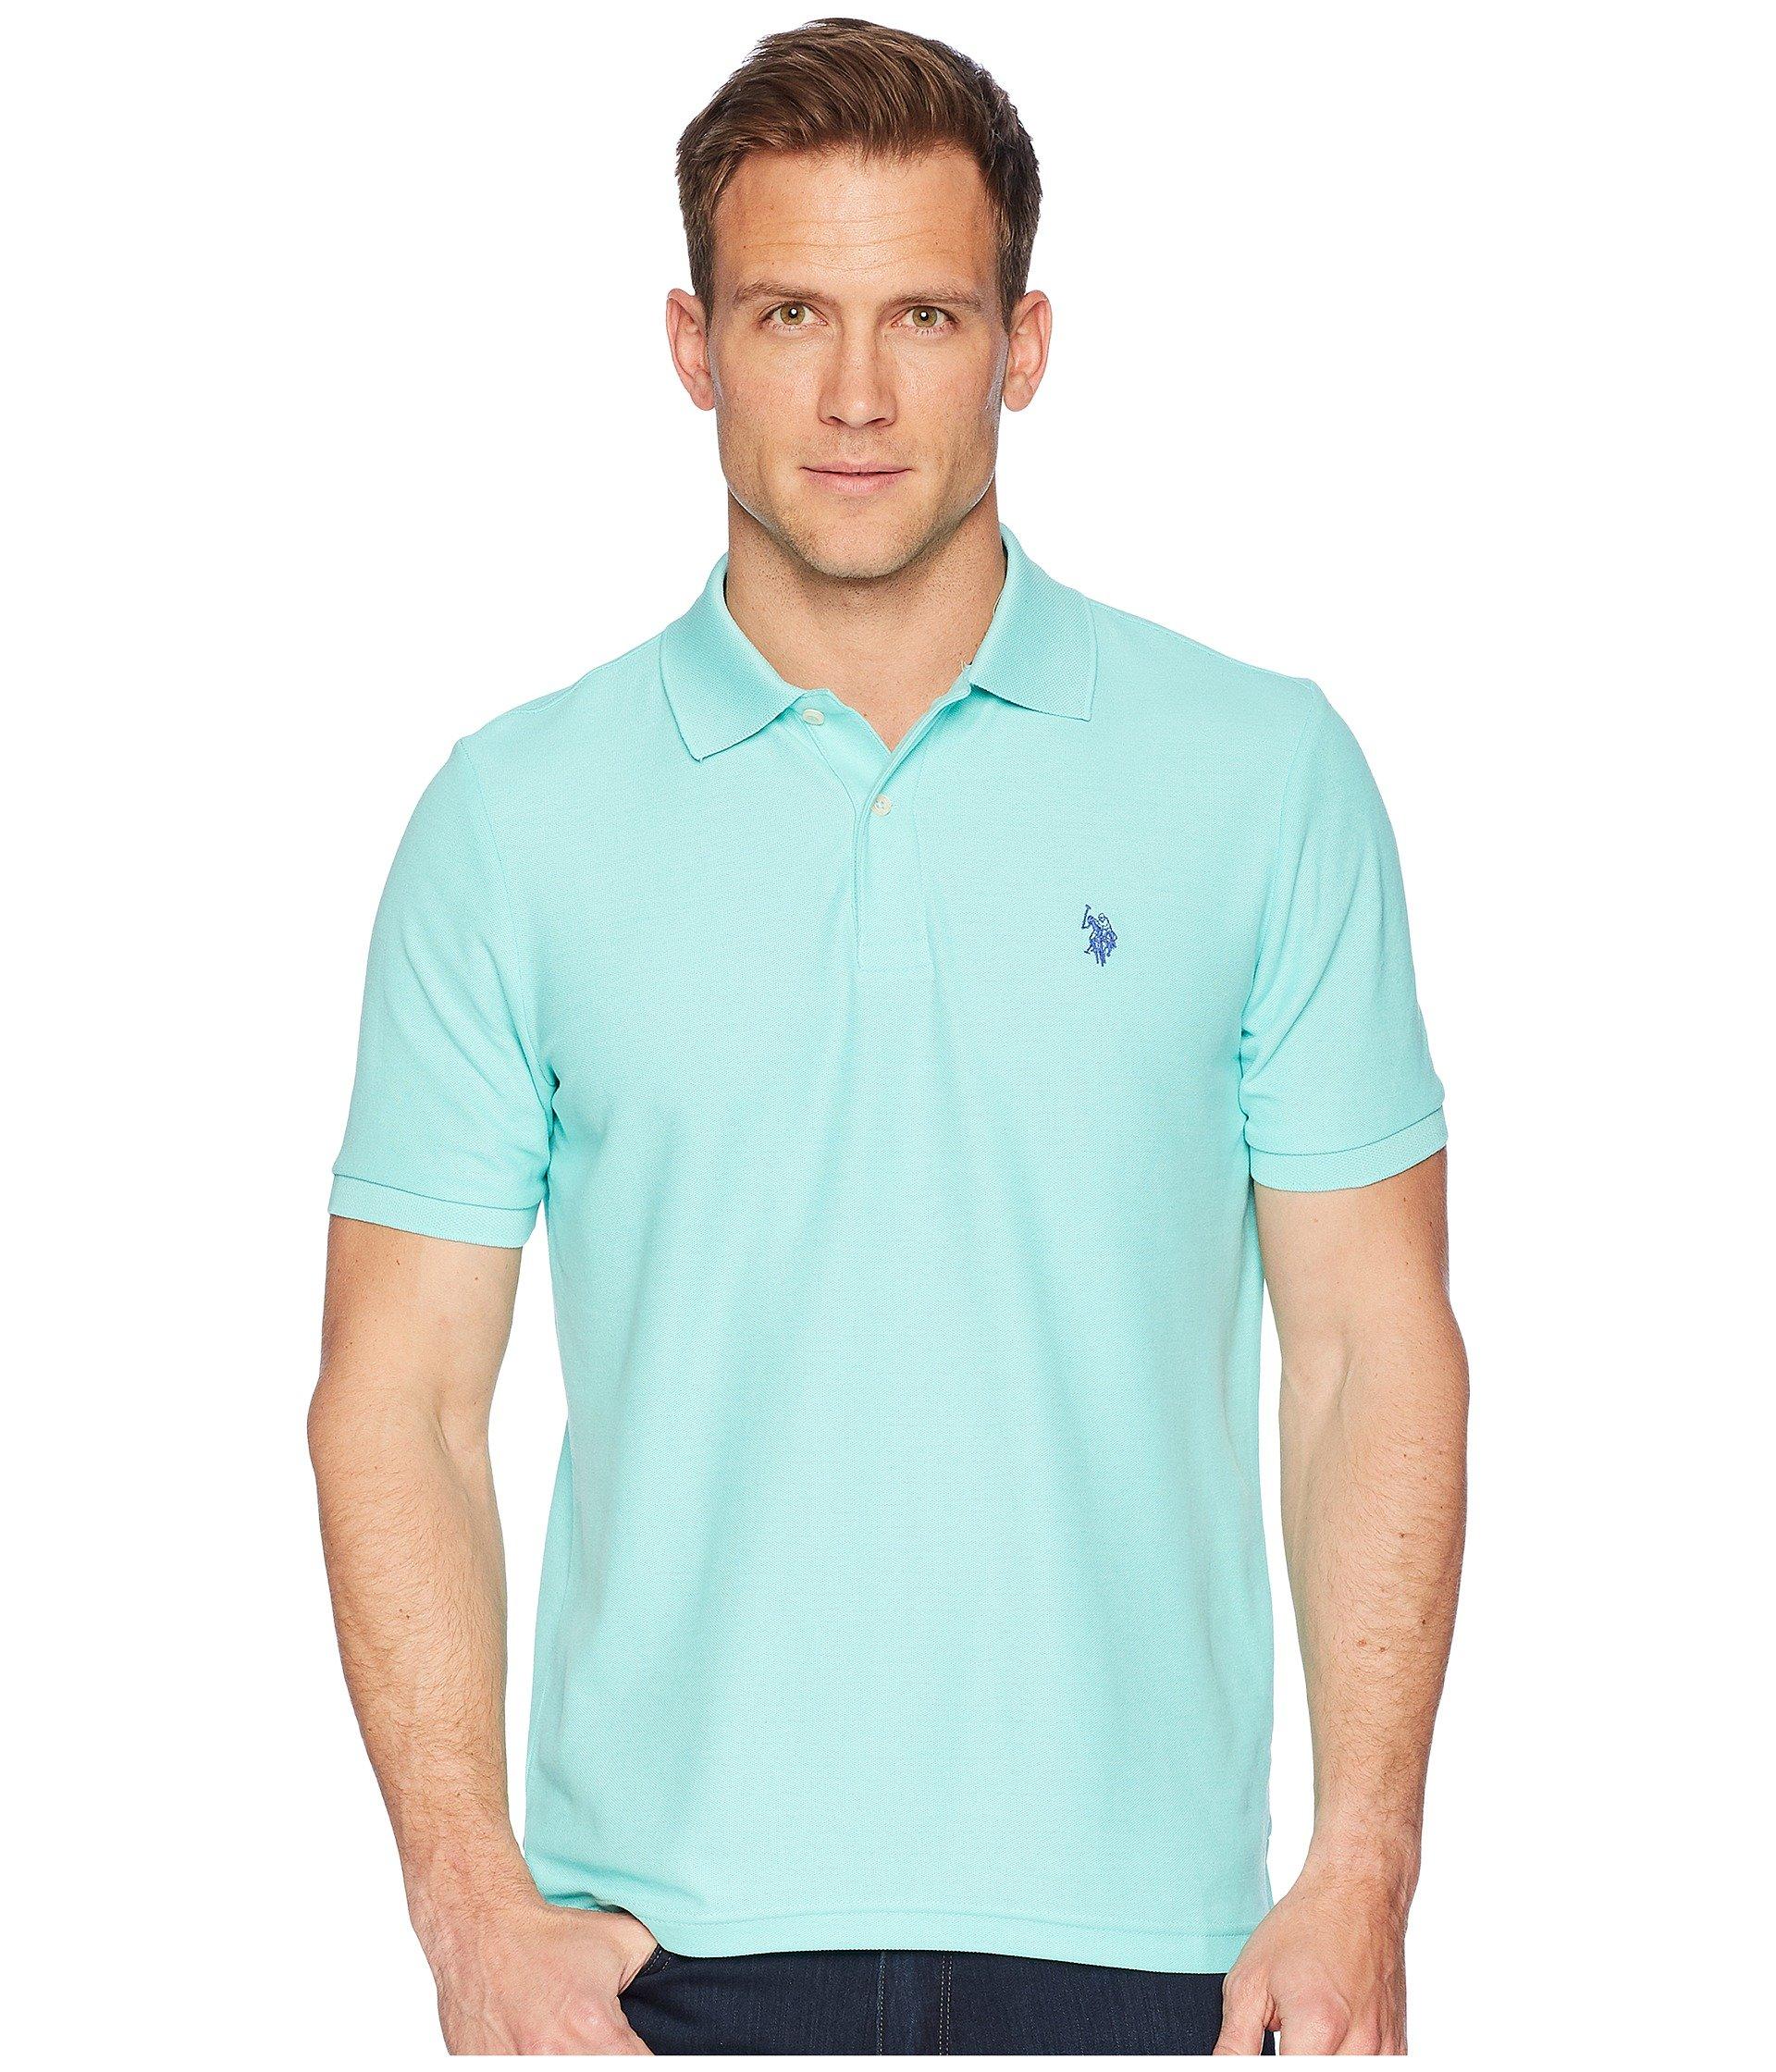 Camiseta Tipo Polo para Hombre U.S. POLO ASSN. Ultimate Pique Polo Shirt  + U.S. POLO ASSN. en VeoyCompro.net